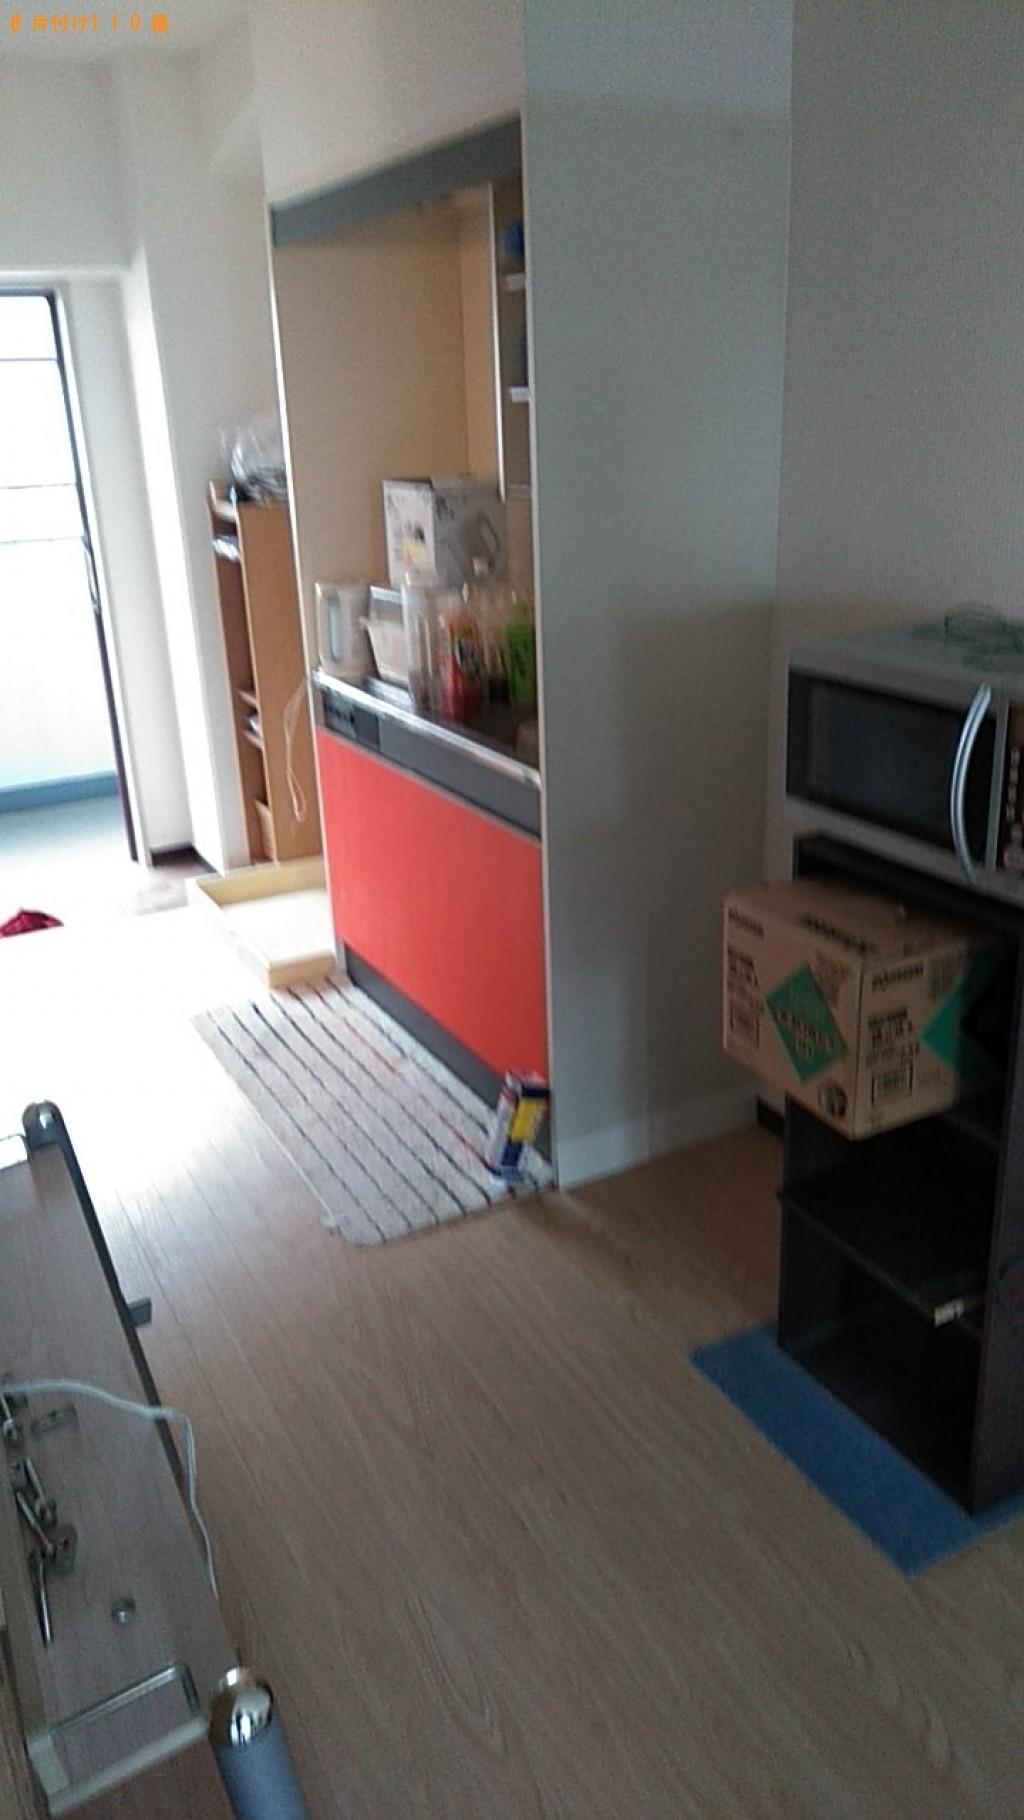 【松山市】冷蔵庫、テレビ、洗濯機の回収・処分ご依頼 お客様の声